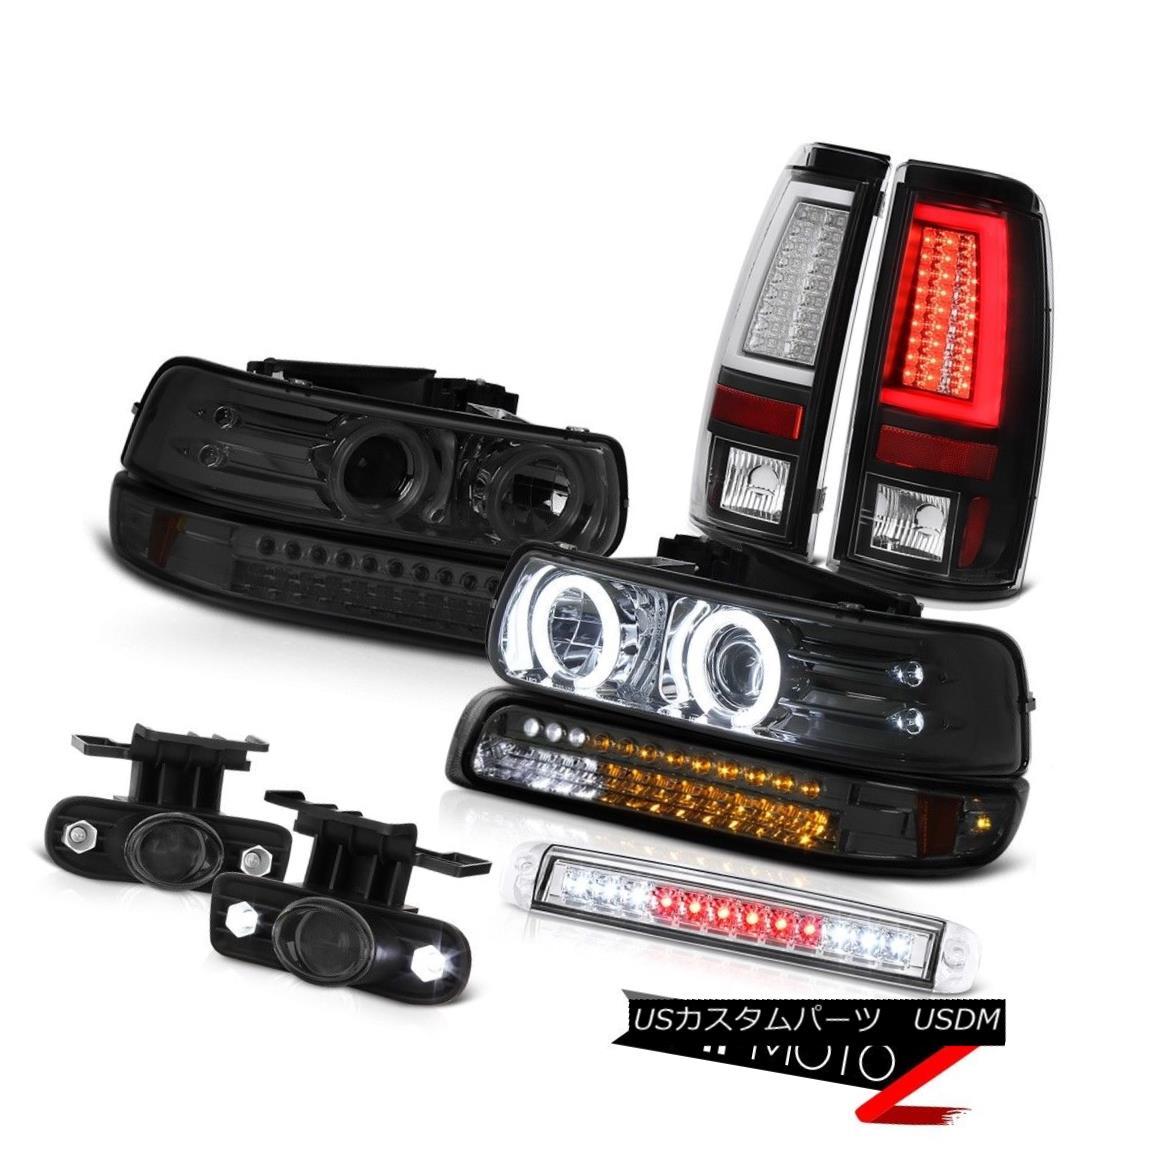 テールライト 1999-2002 Silverado 4WD Taillamps Roof Cab Lamp Signal Headlamps Foglights LED 1999-2002シルバラード4WDタイルランプルーフキャブ・ランプ信号ヘッドランプフォグライトLED